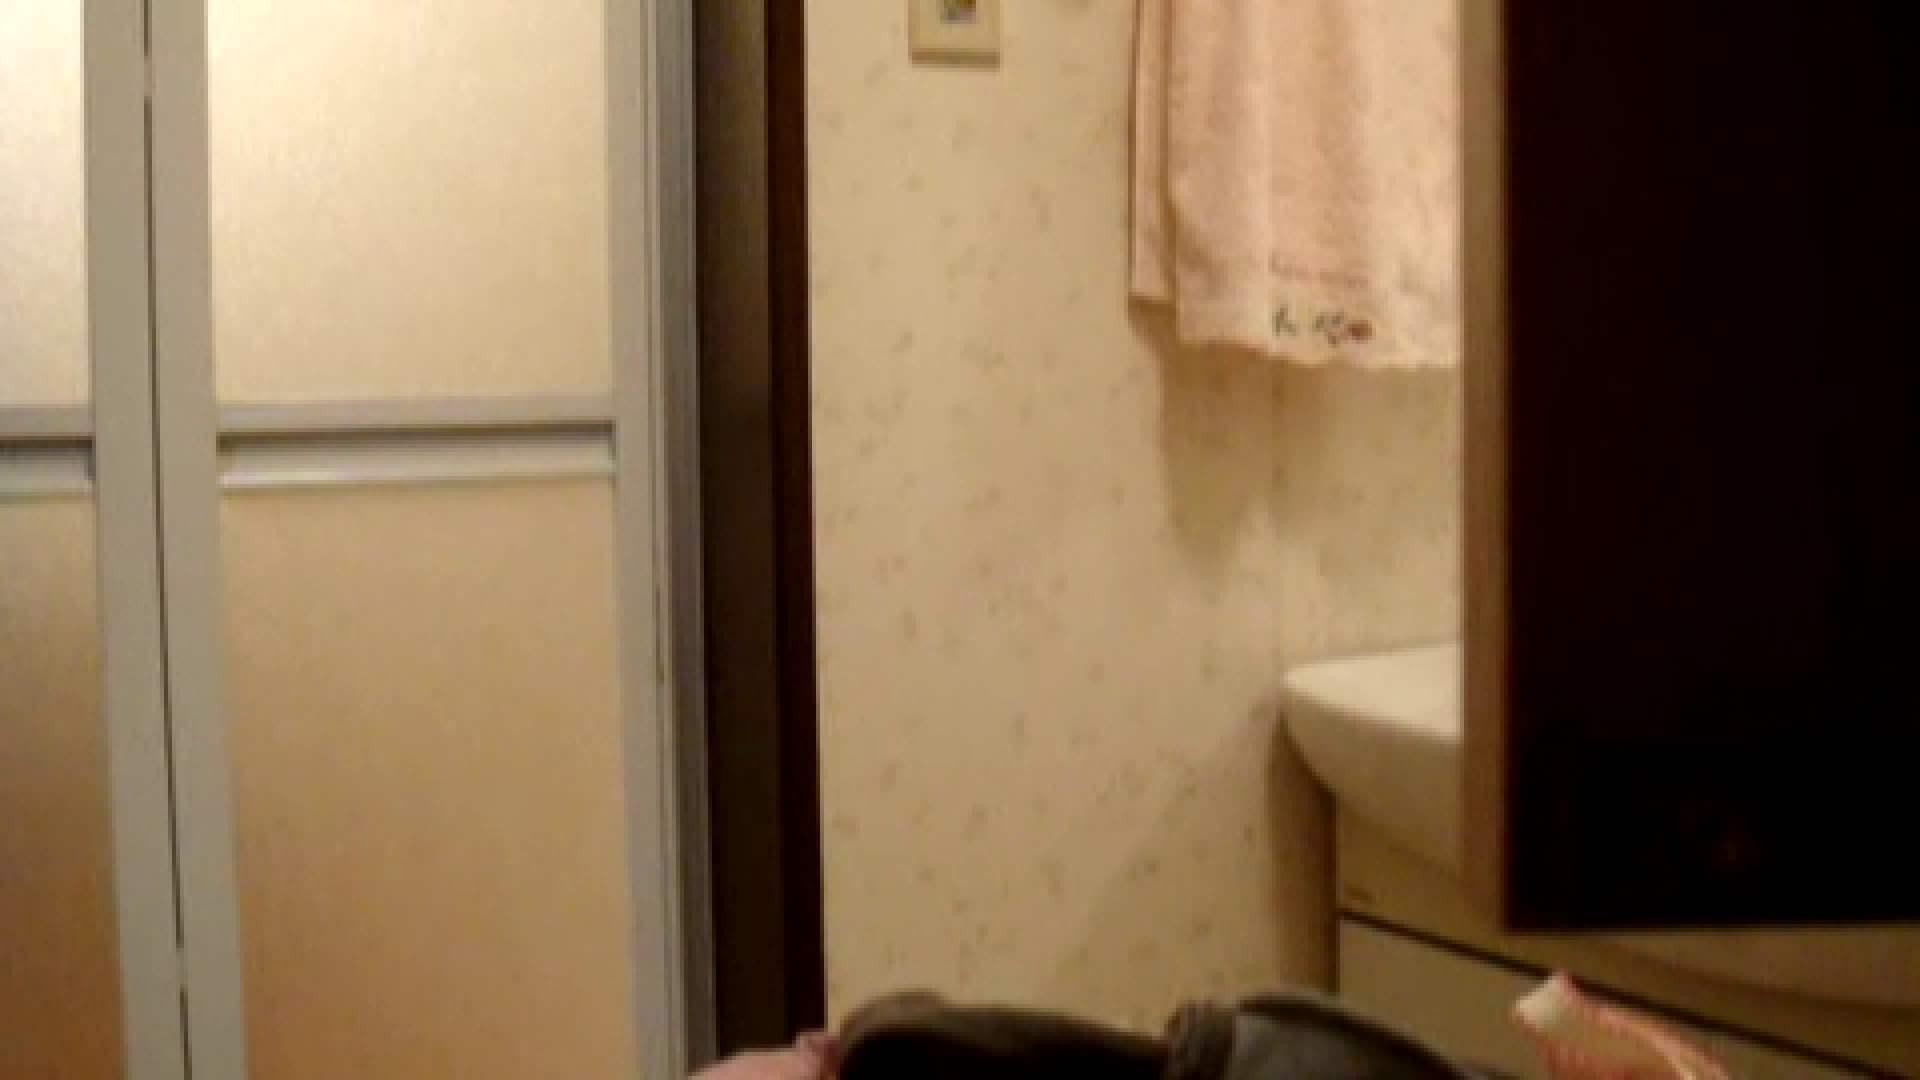 二人とも育てた甲斐がありました… vol.08 まどかの入浴中にカメラに気付いたか!? OLのエロ生活  71連発 62